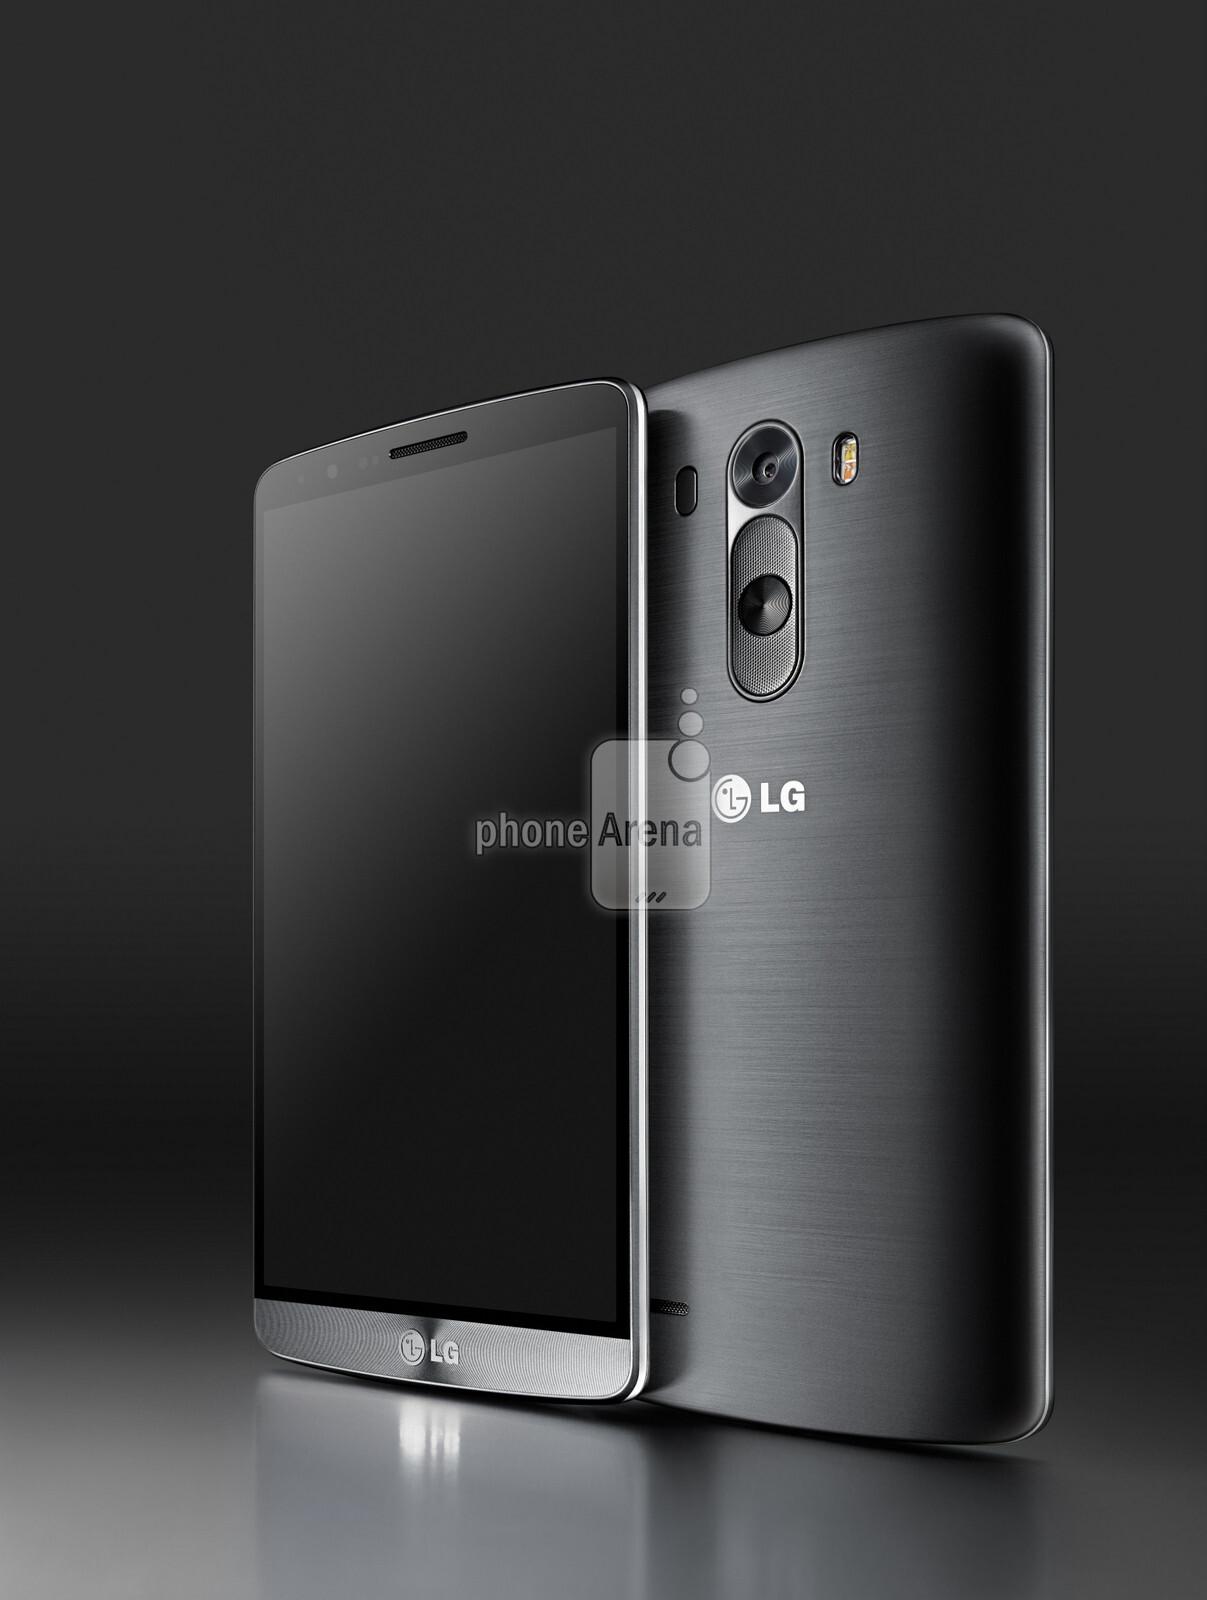 Lg g3 release date in Perth